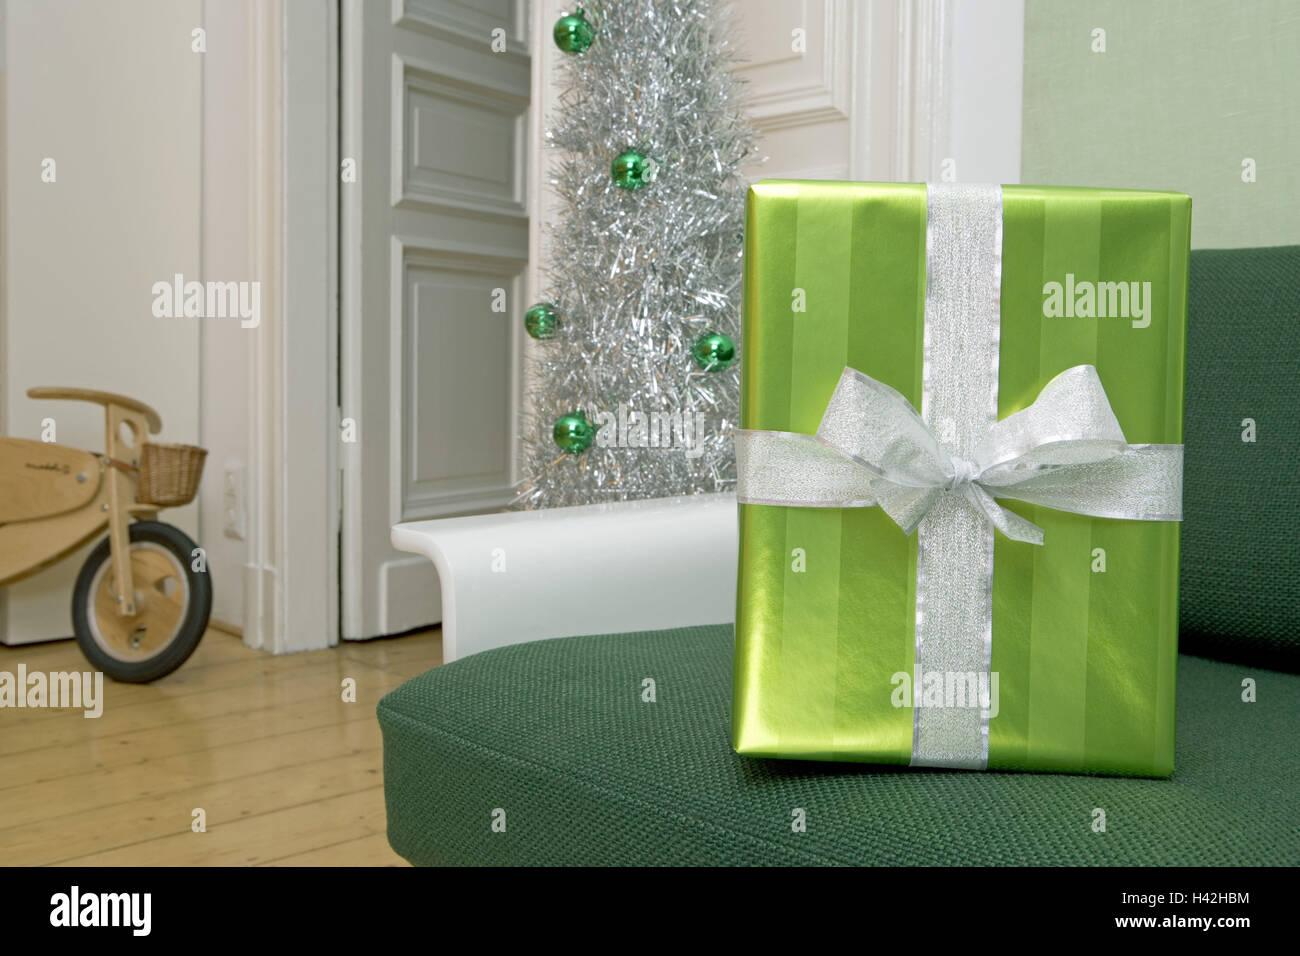 Wohnraum, Sofa, grün, Geschenk, Hintergrund, Holz-Laufrad ...